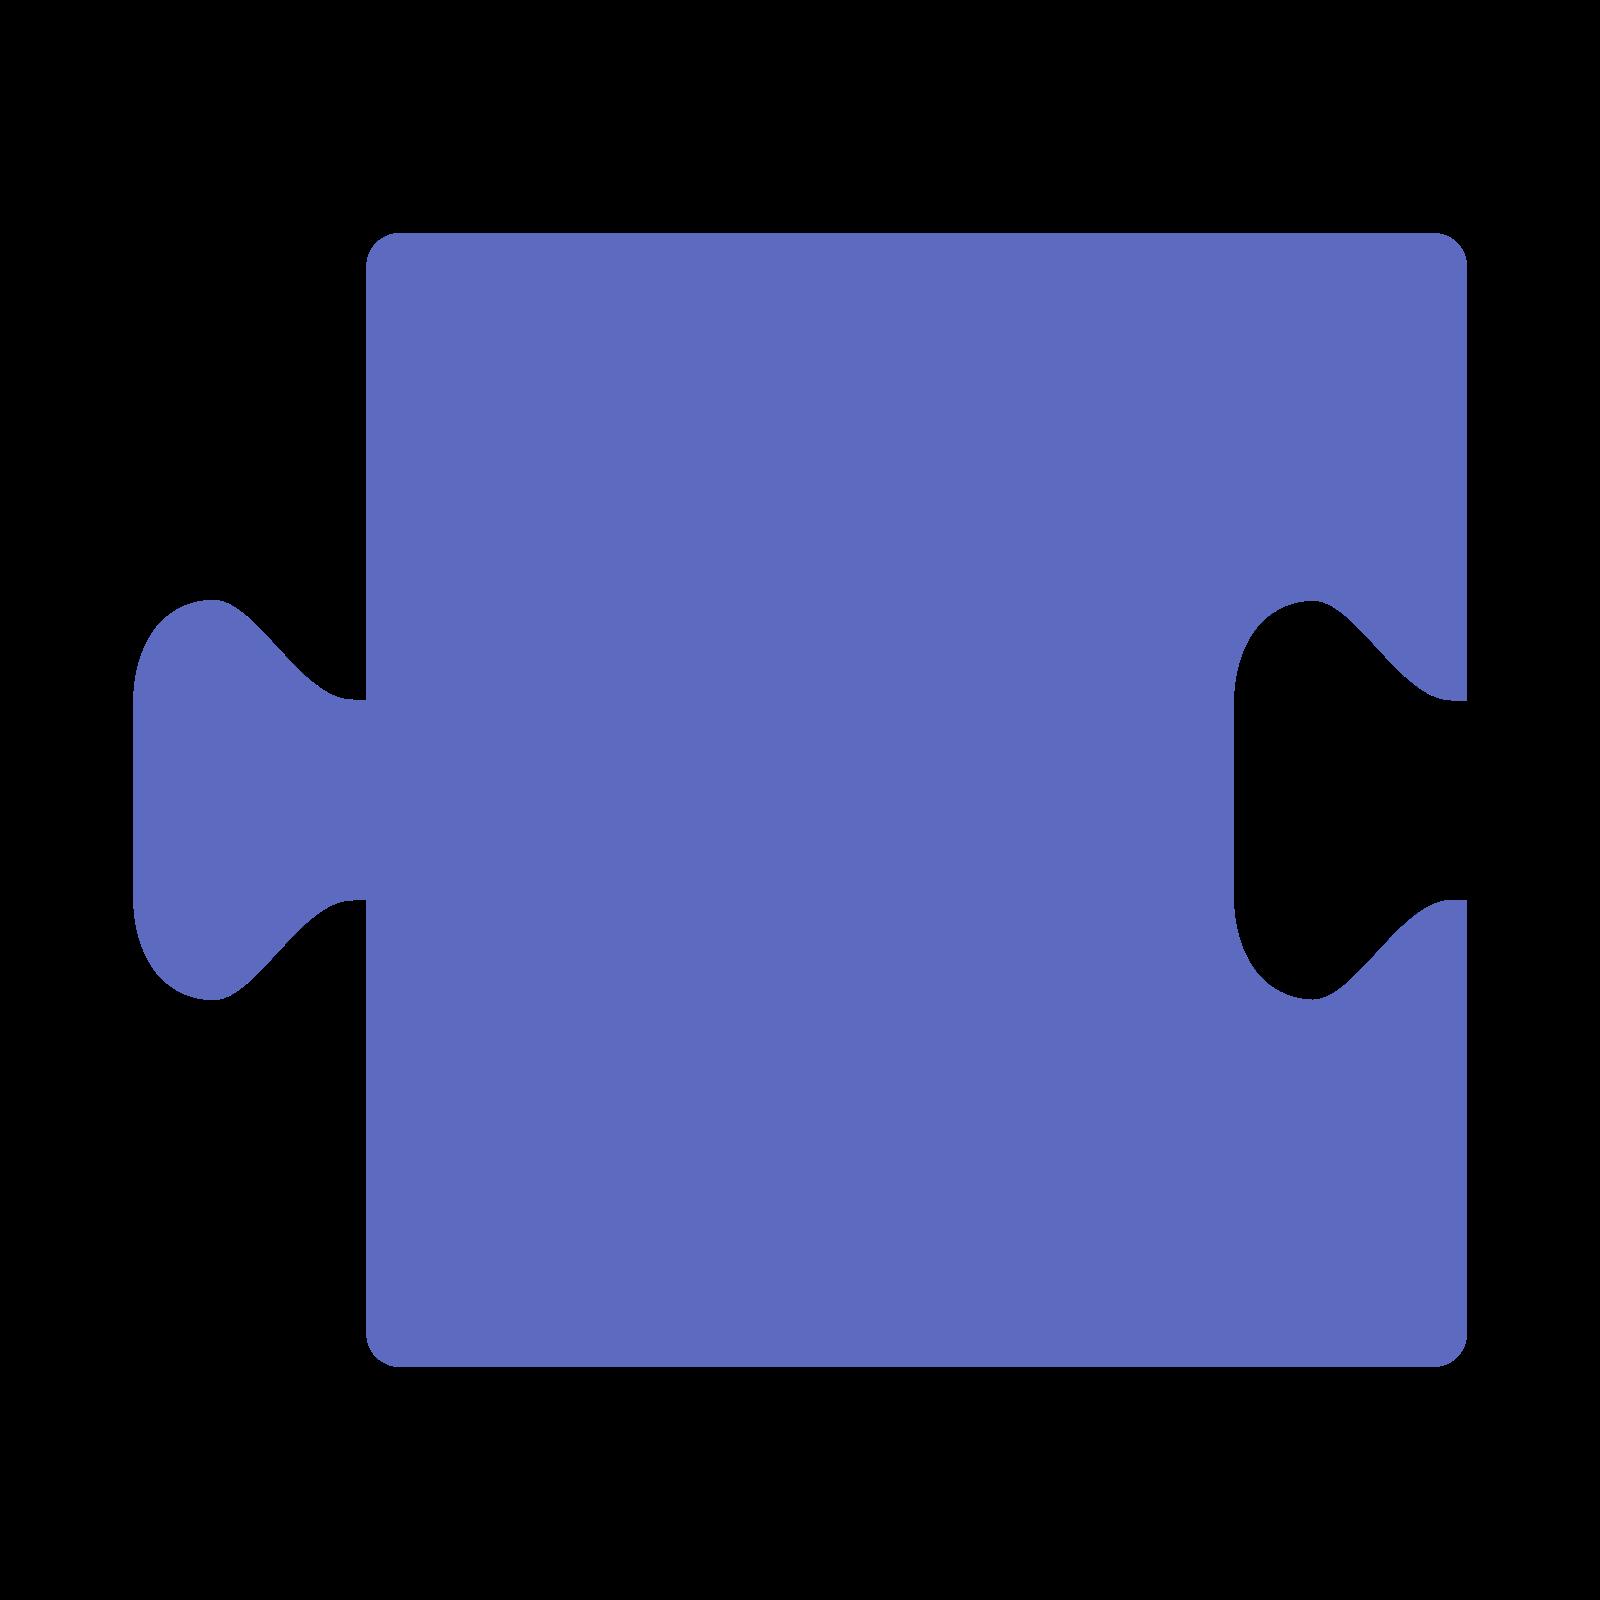 Blockly Blue icon